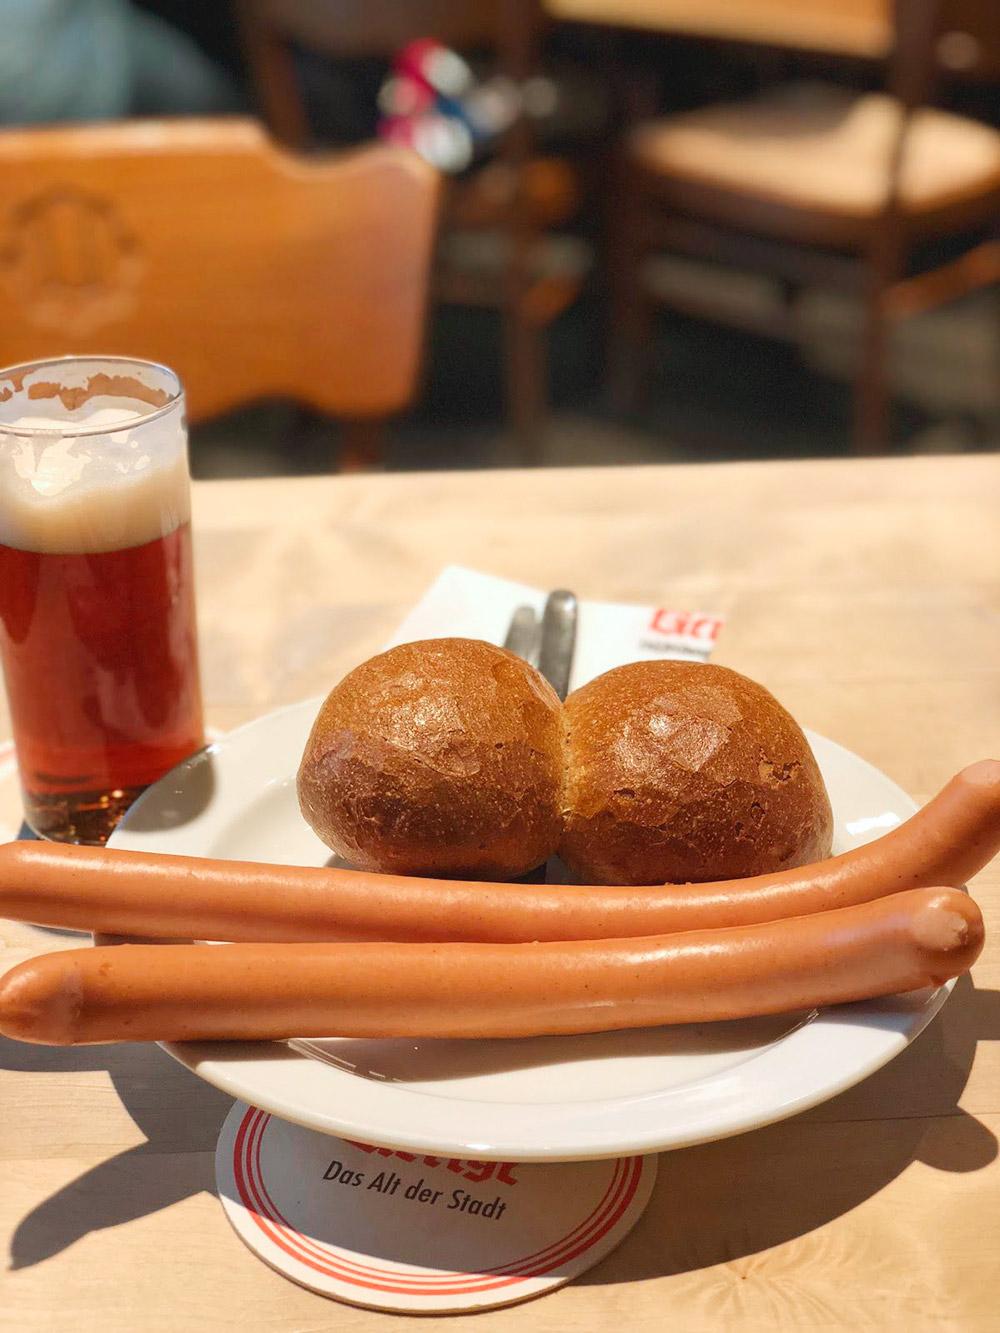 Мой обед в одном из баров в старом центре обошелся в 8€ (577 р.)